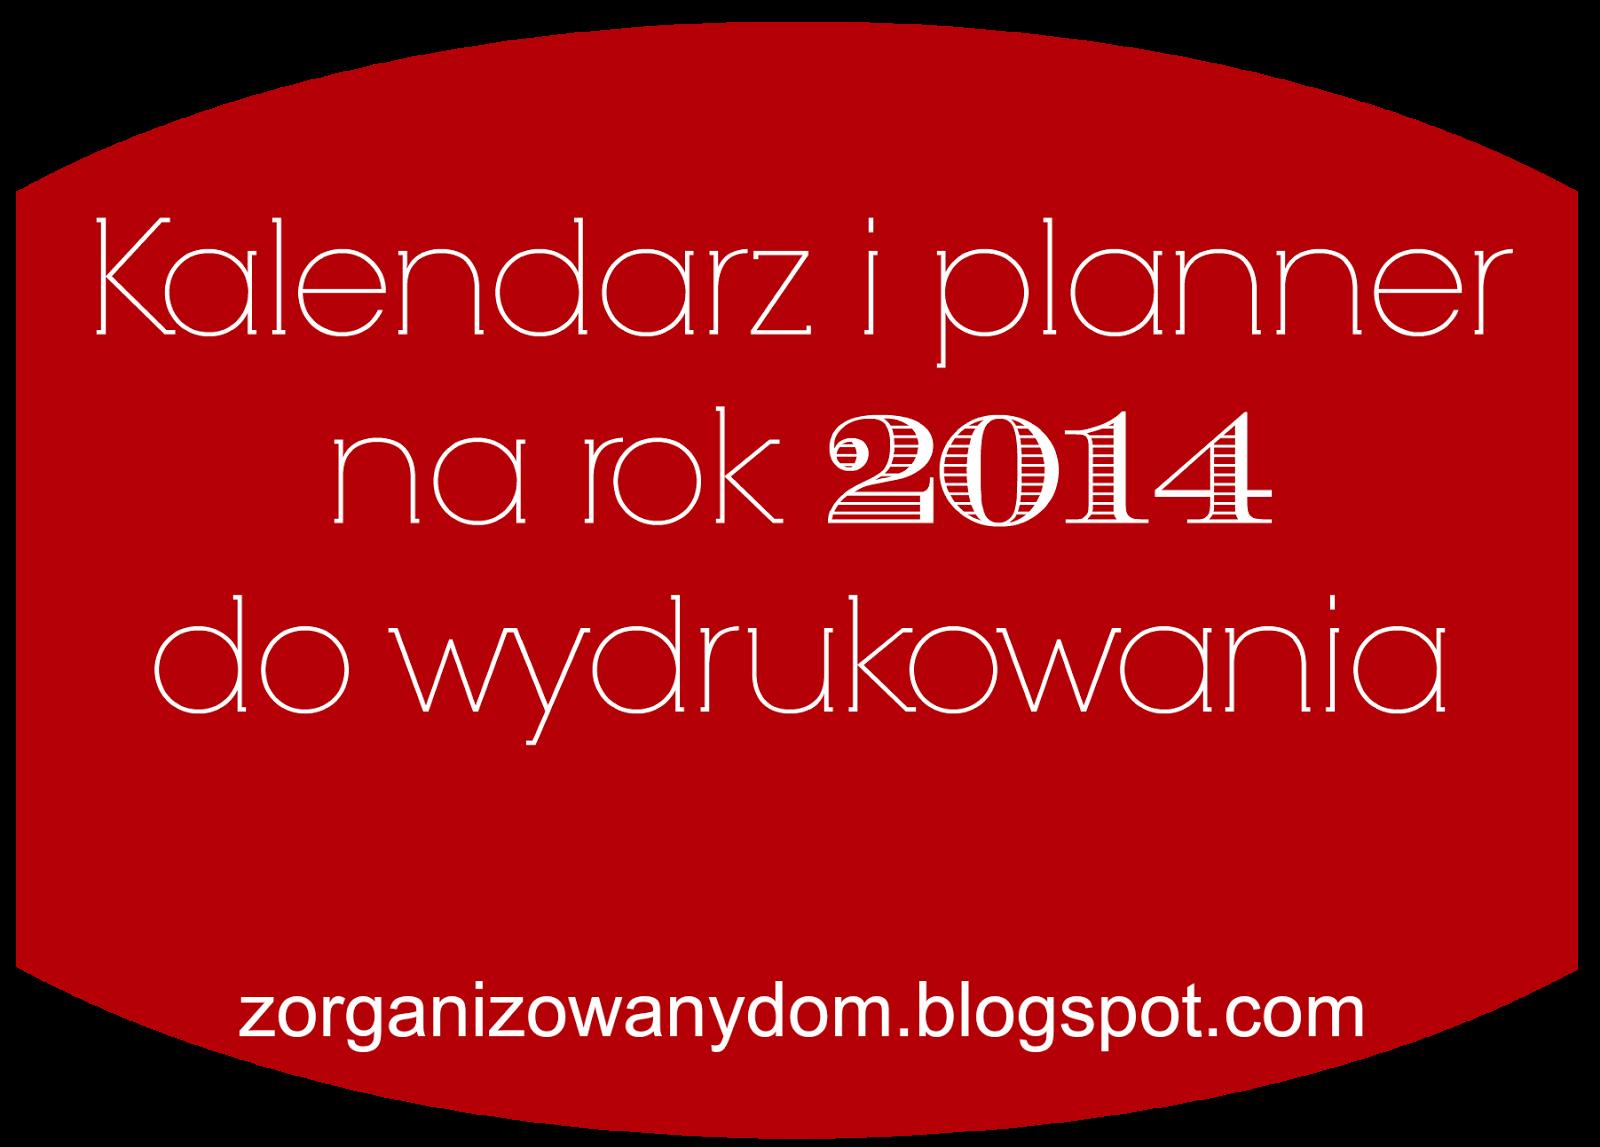 Uniwersalny Kalendarz   Planner Do Wydrukowania Na Rok 2014